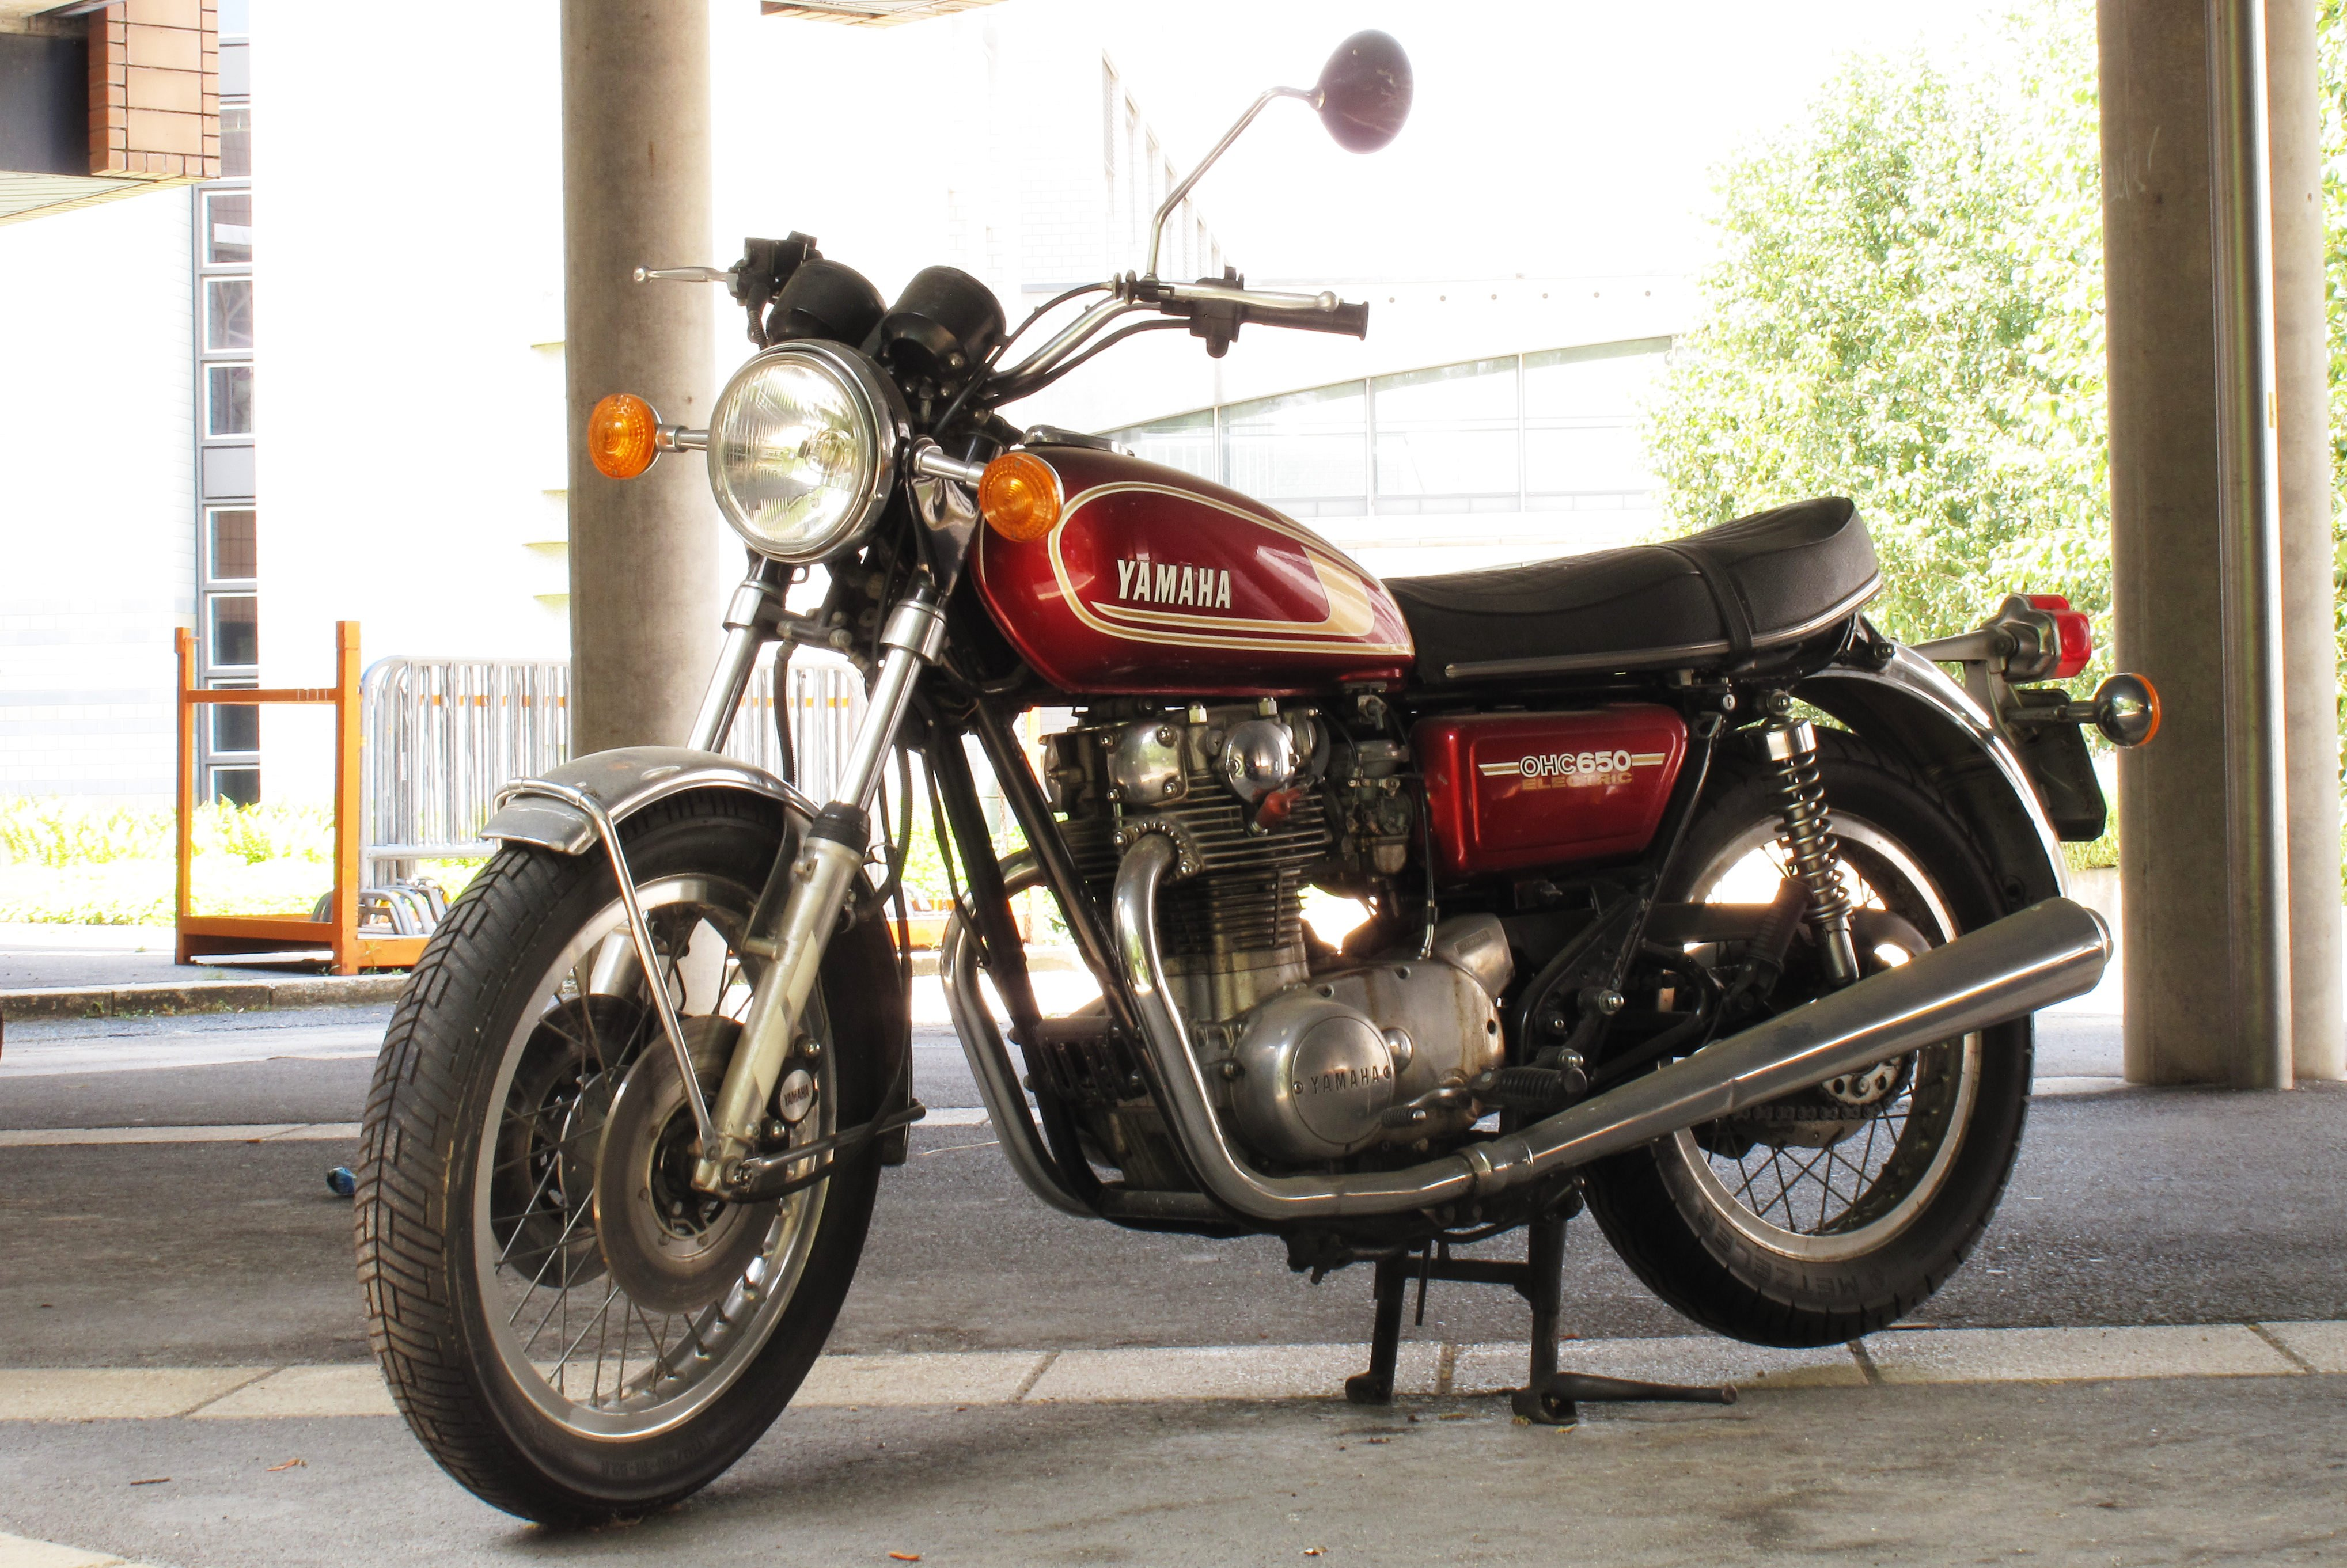 File:Yamaha img 2218.jpg